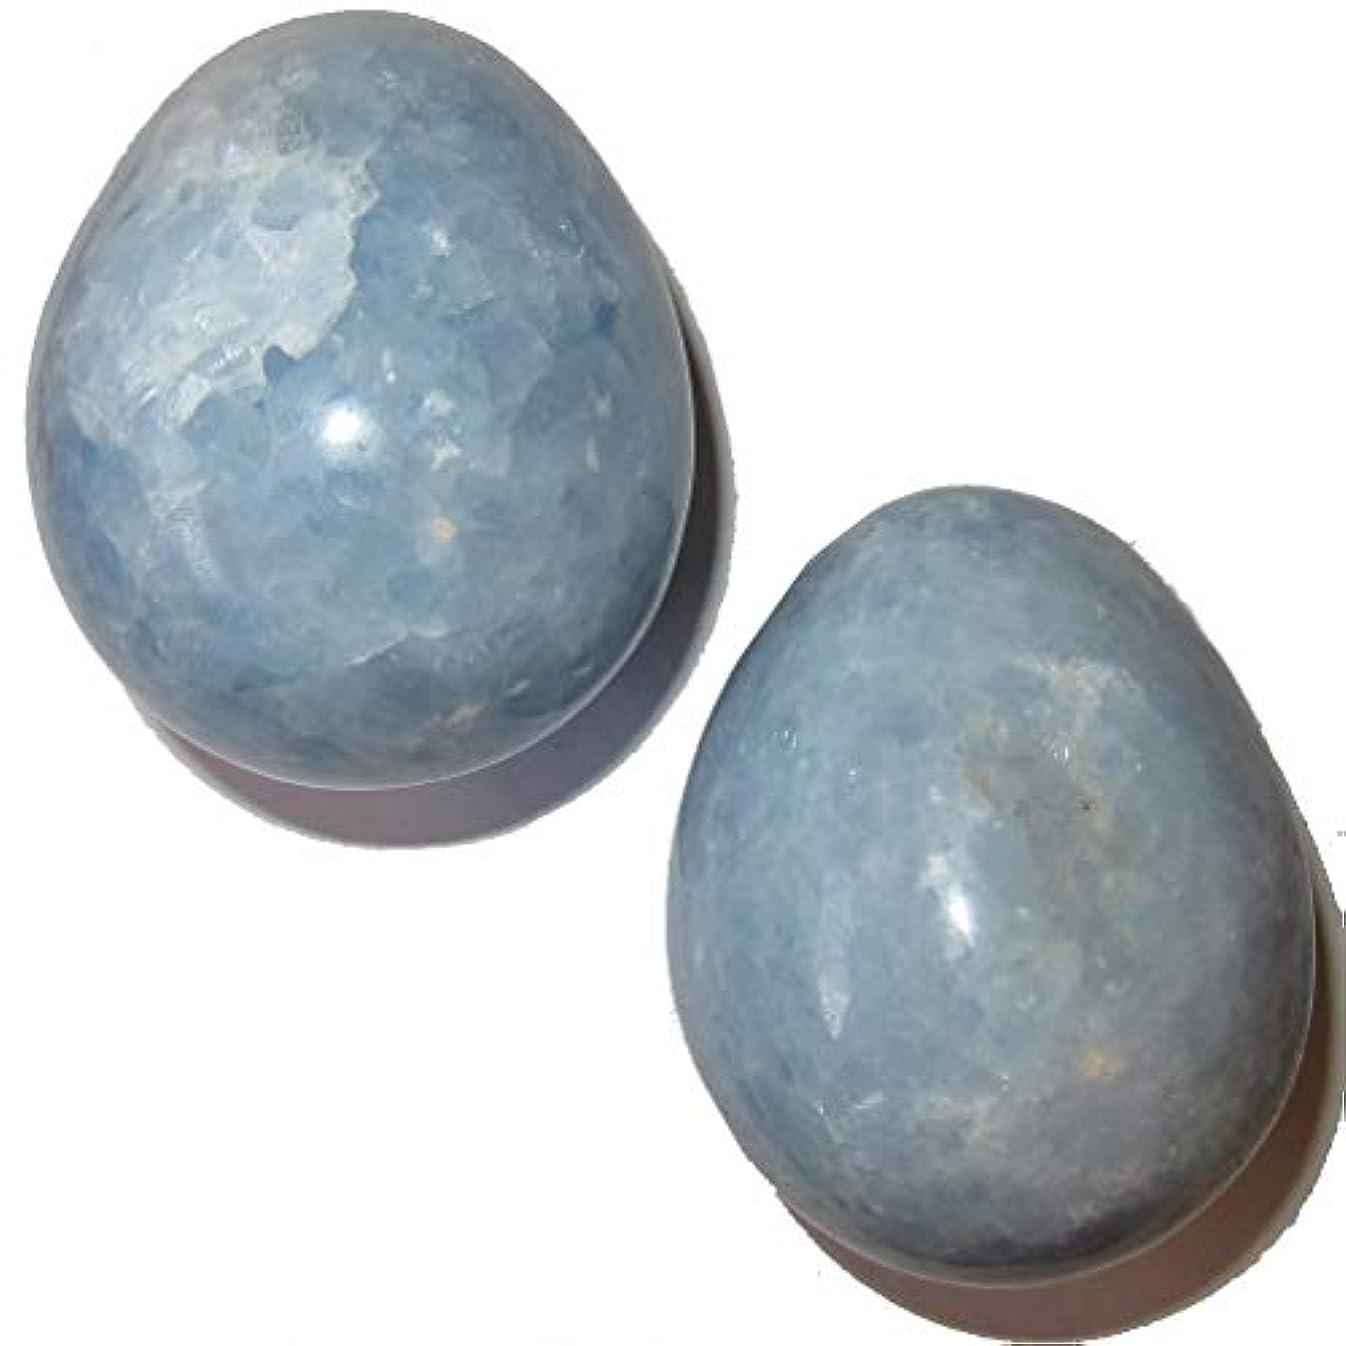 割り込み抜本的なリングレットCalcite Eggブルー50天体クリスタルHealing Stone Holy Divination Prayer Gemstone 2.3